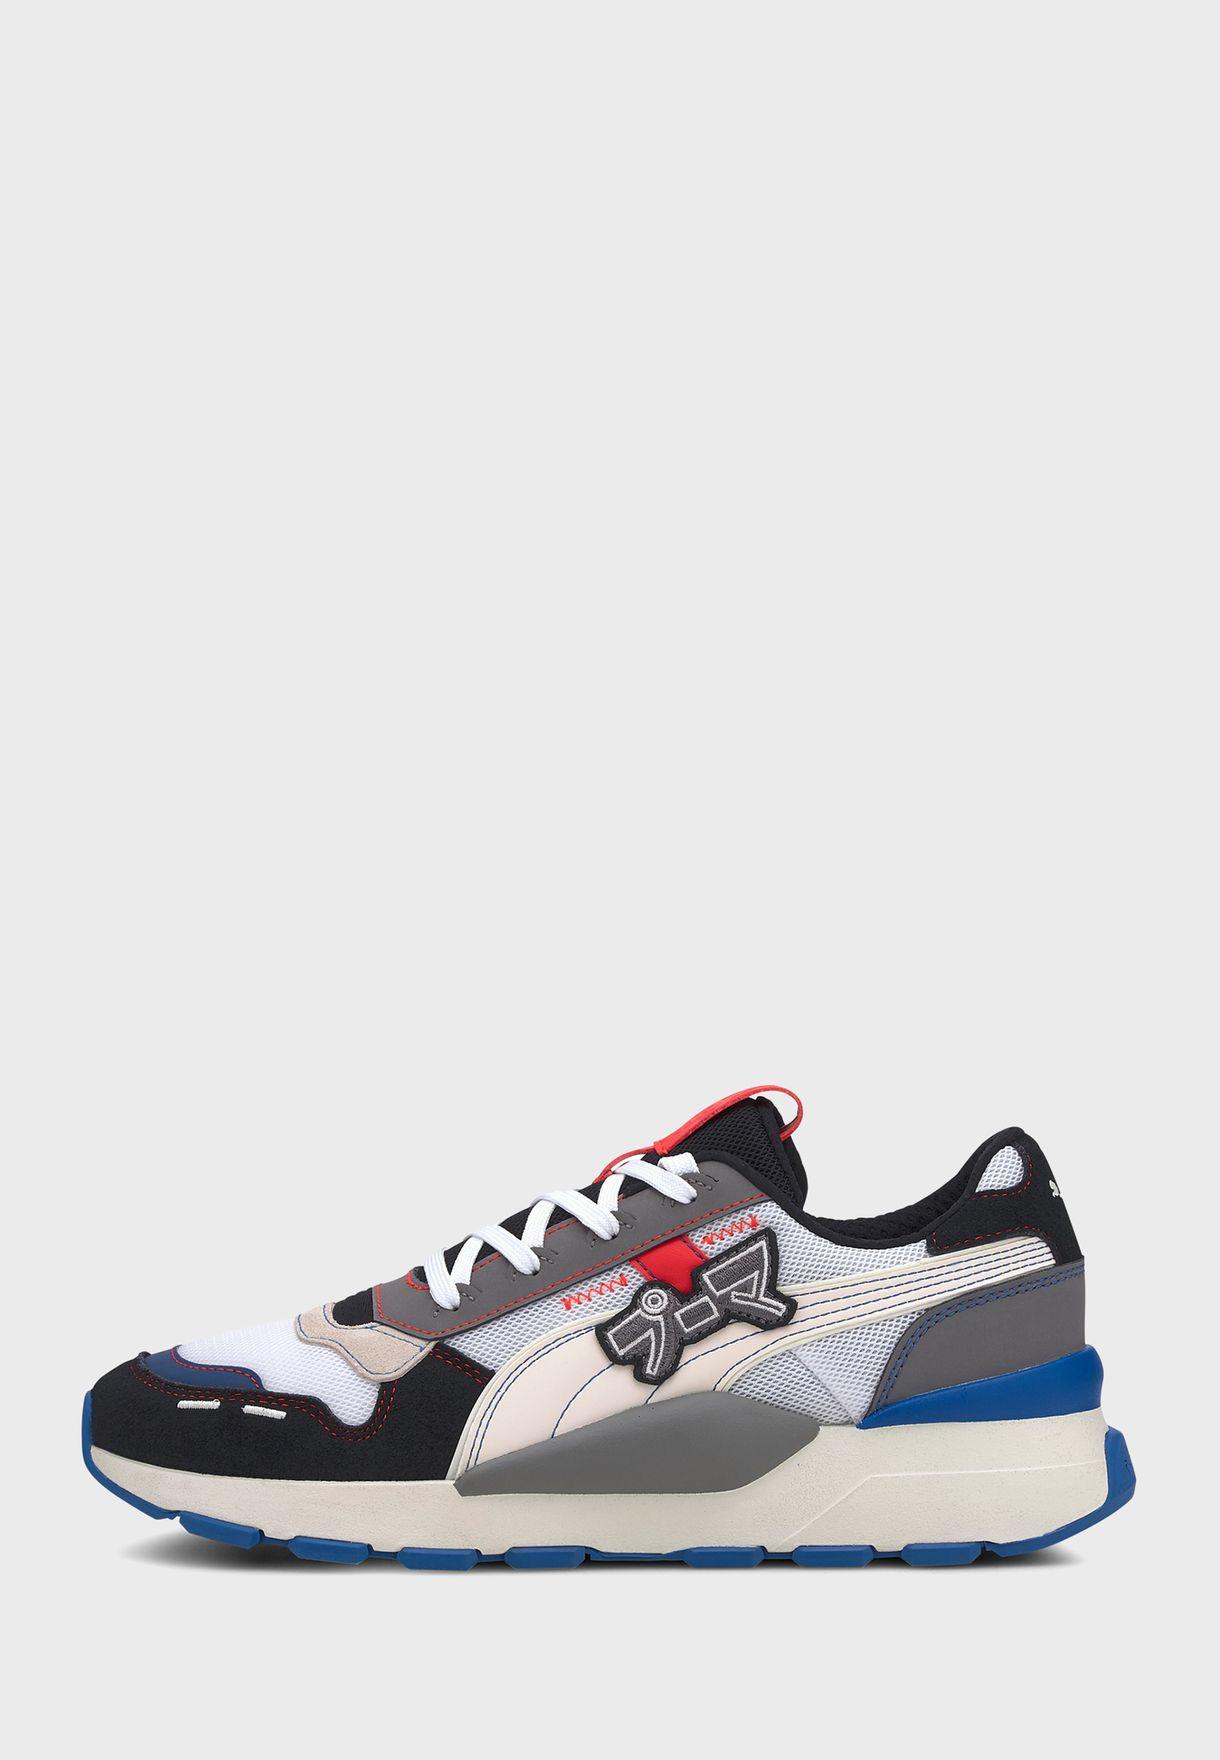 حذاء جابانوراما  2.0 ار اس